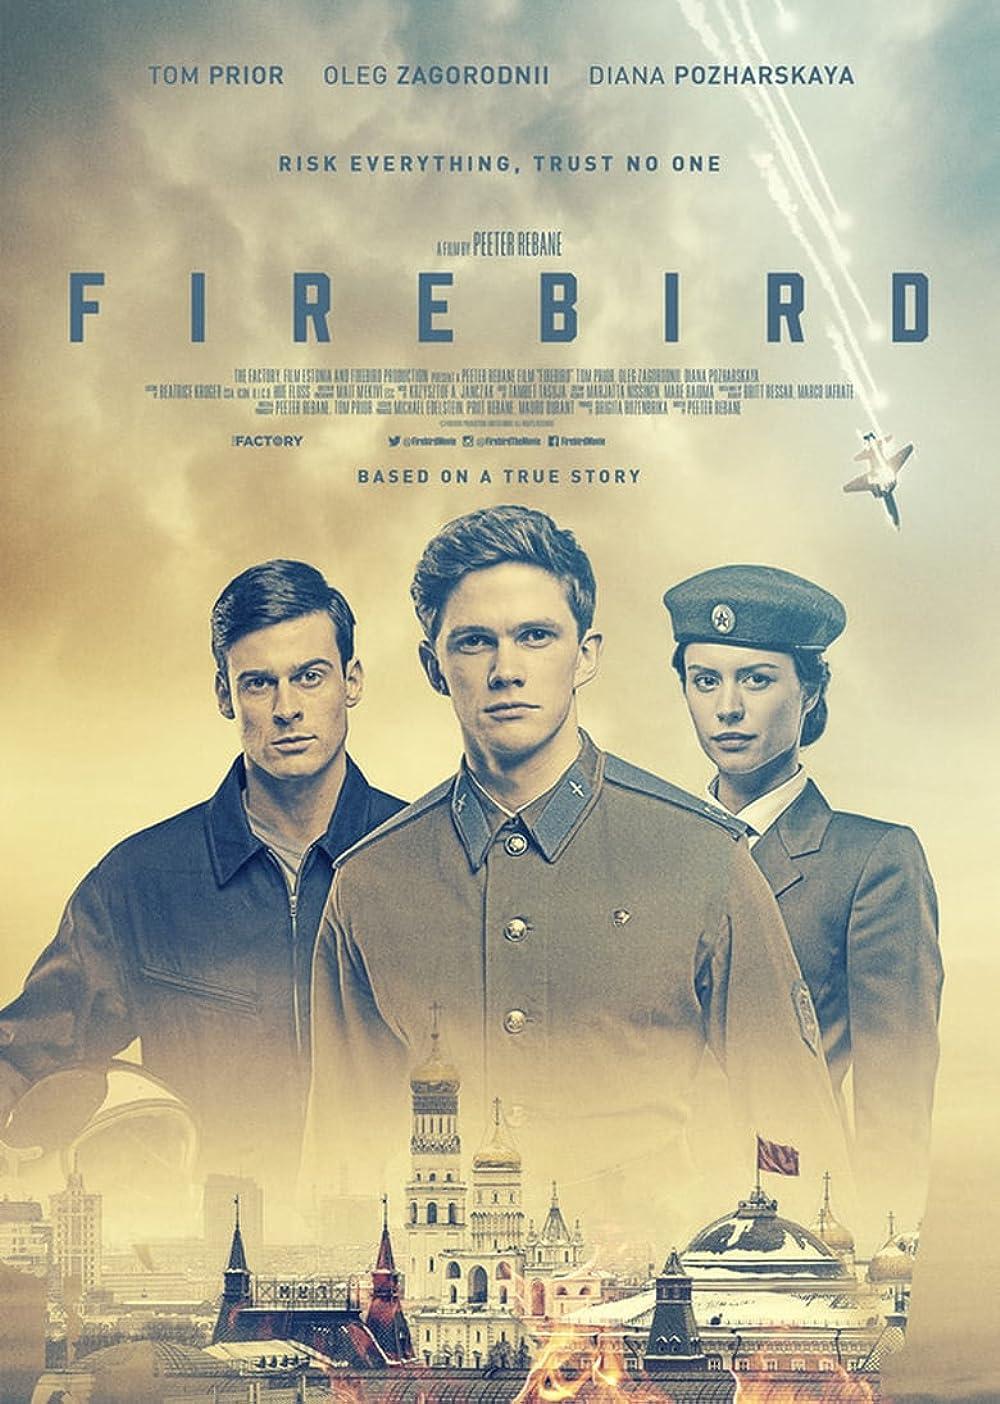 ფასკუნჯი / Faskunji / Firebird